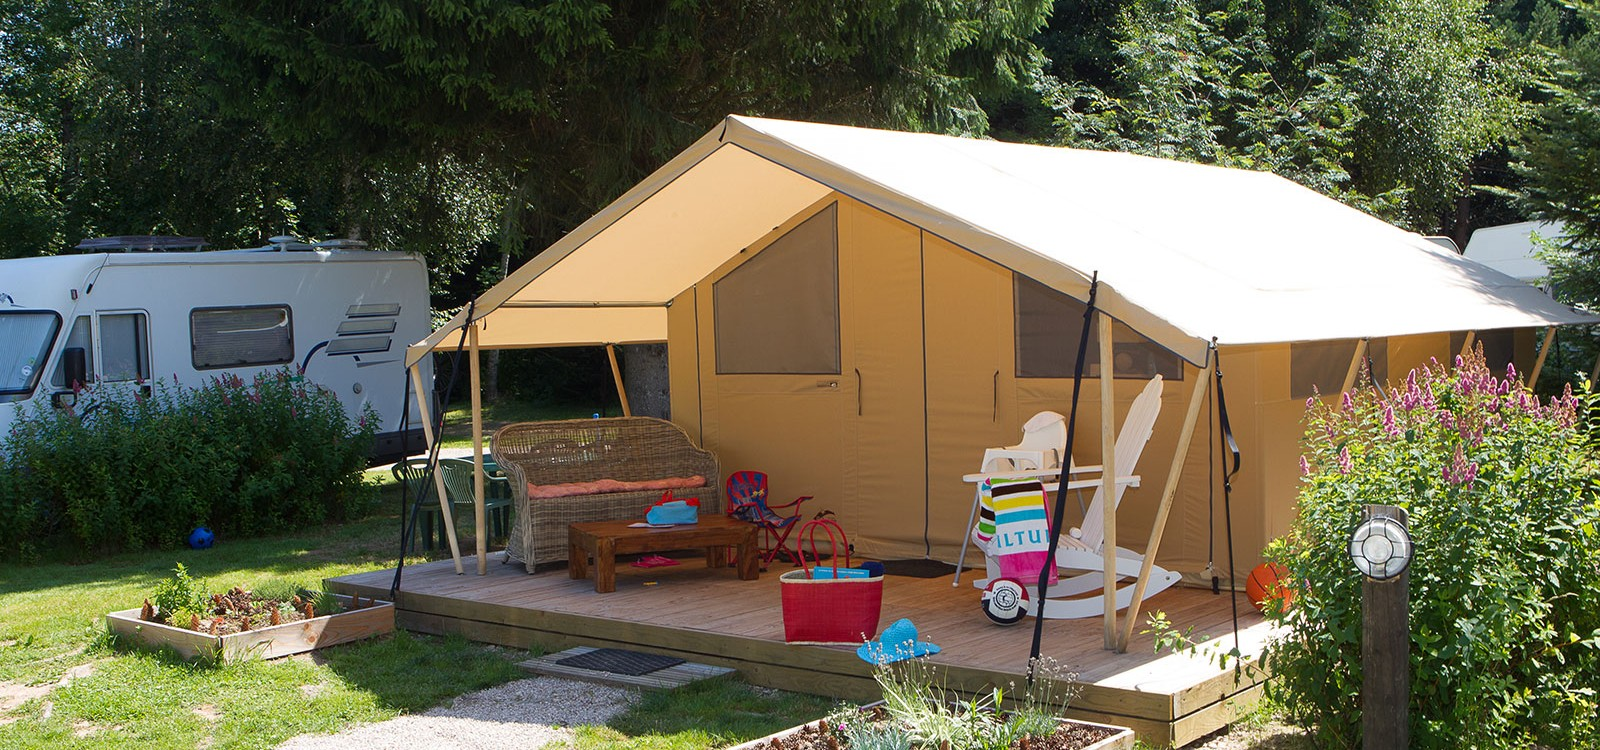 offre comité d'entrepise - Vacances & loisirs - Camping - comité d'entreprise- magazine influence ce-4